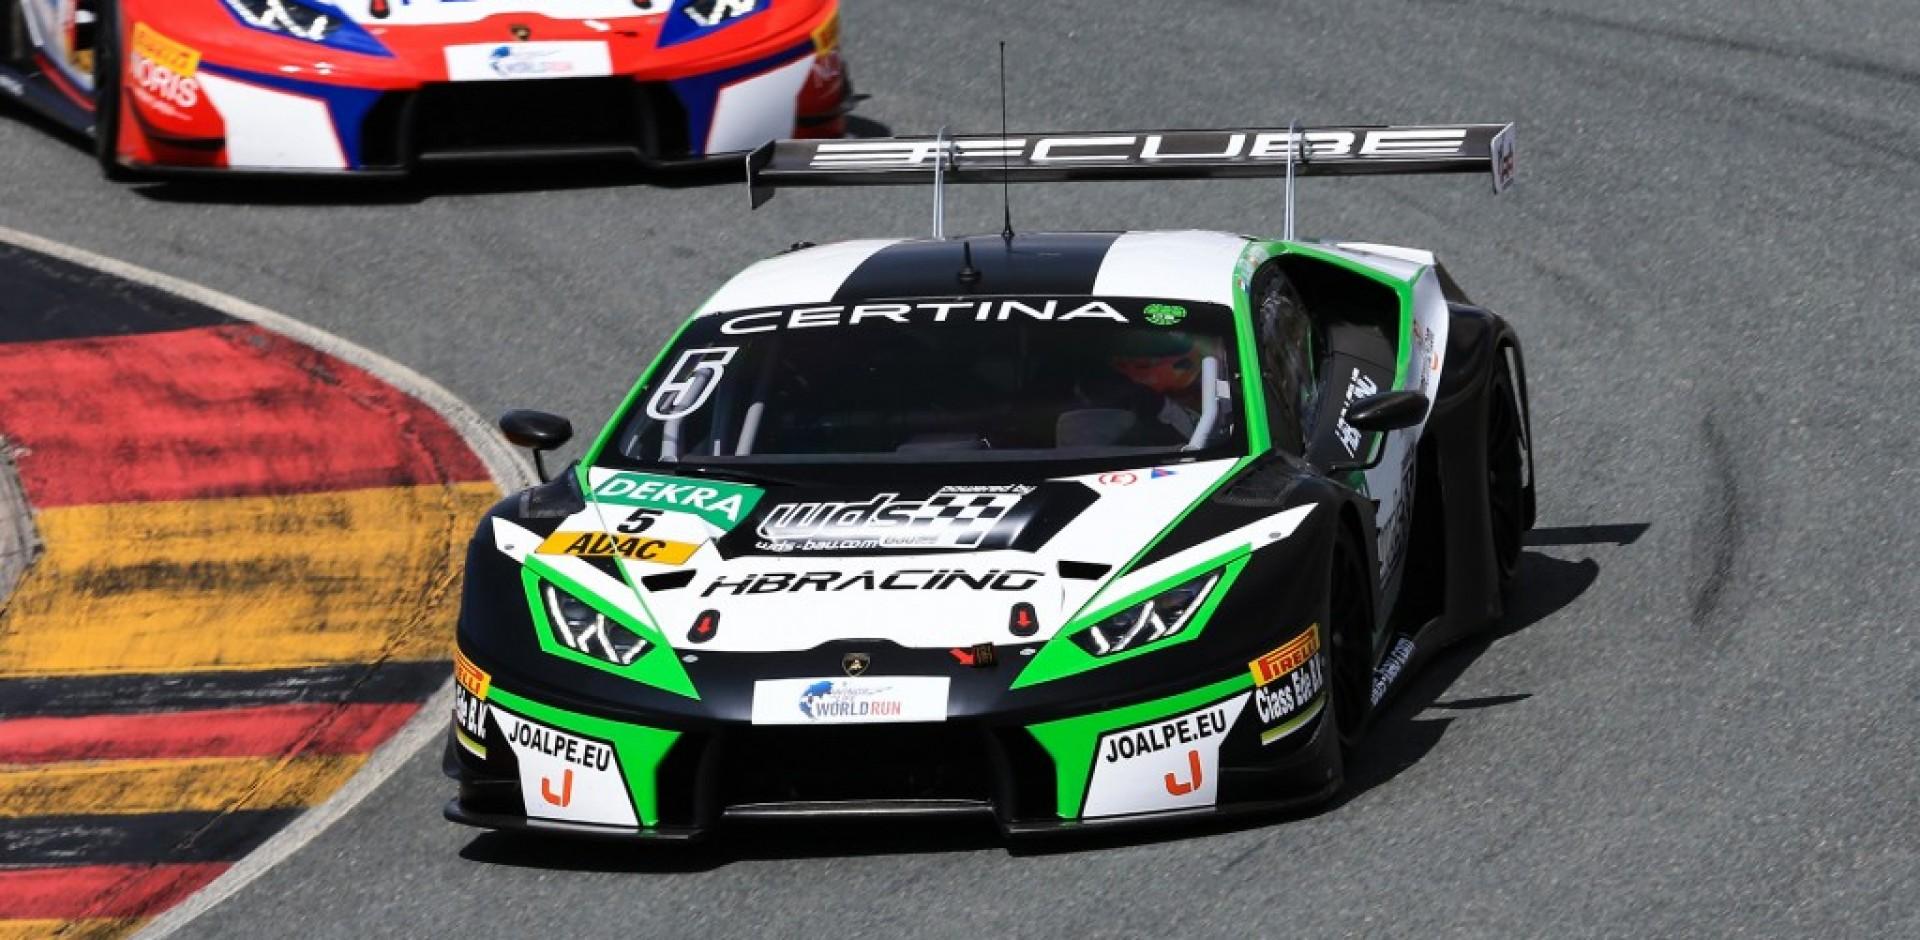 Starke Aufholjagd auf dem Sachsenring bringt Norbert Siedler Platz neun